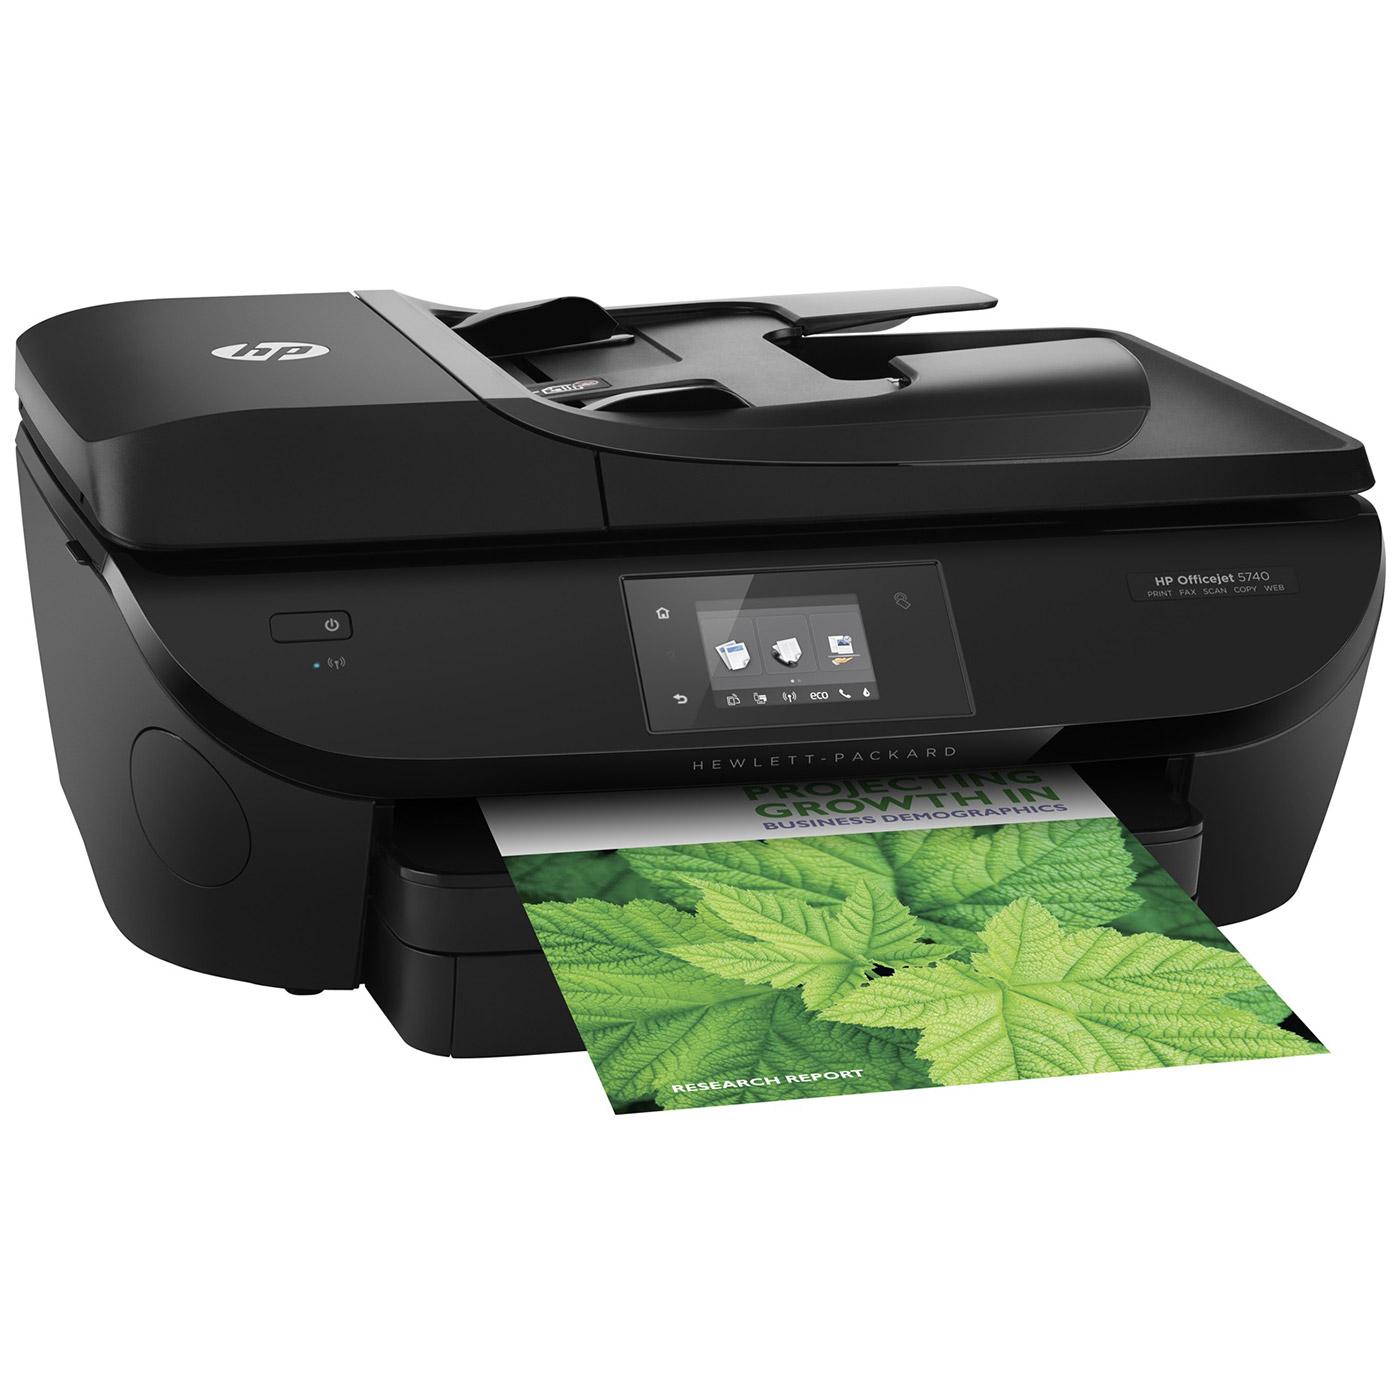 hp officejet 5740 imprimante multifonction hp sur ldlc. Black Bedroom Furniture Sets. Home Design Ideas